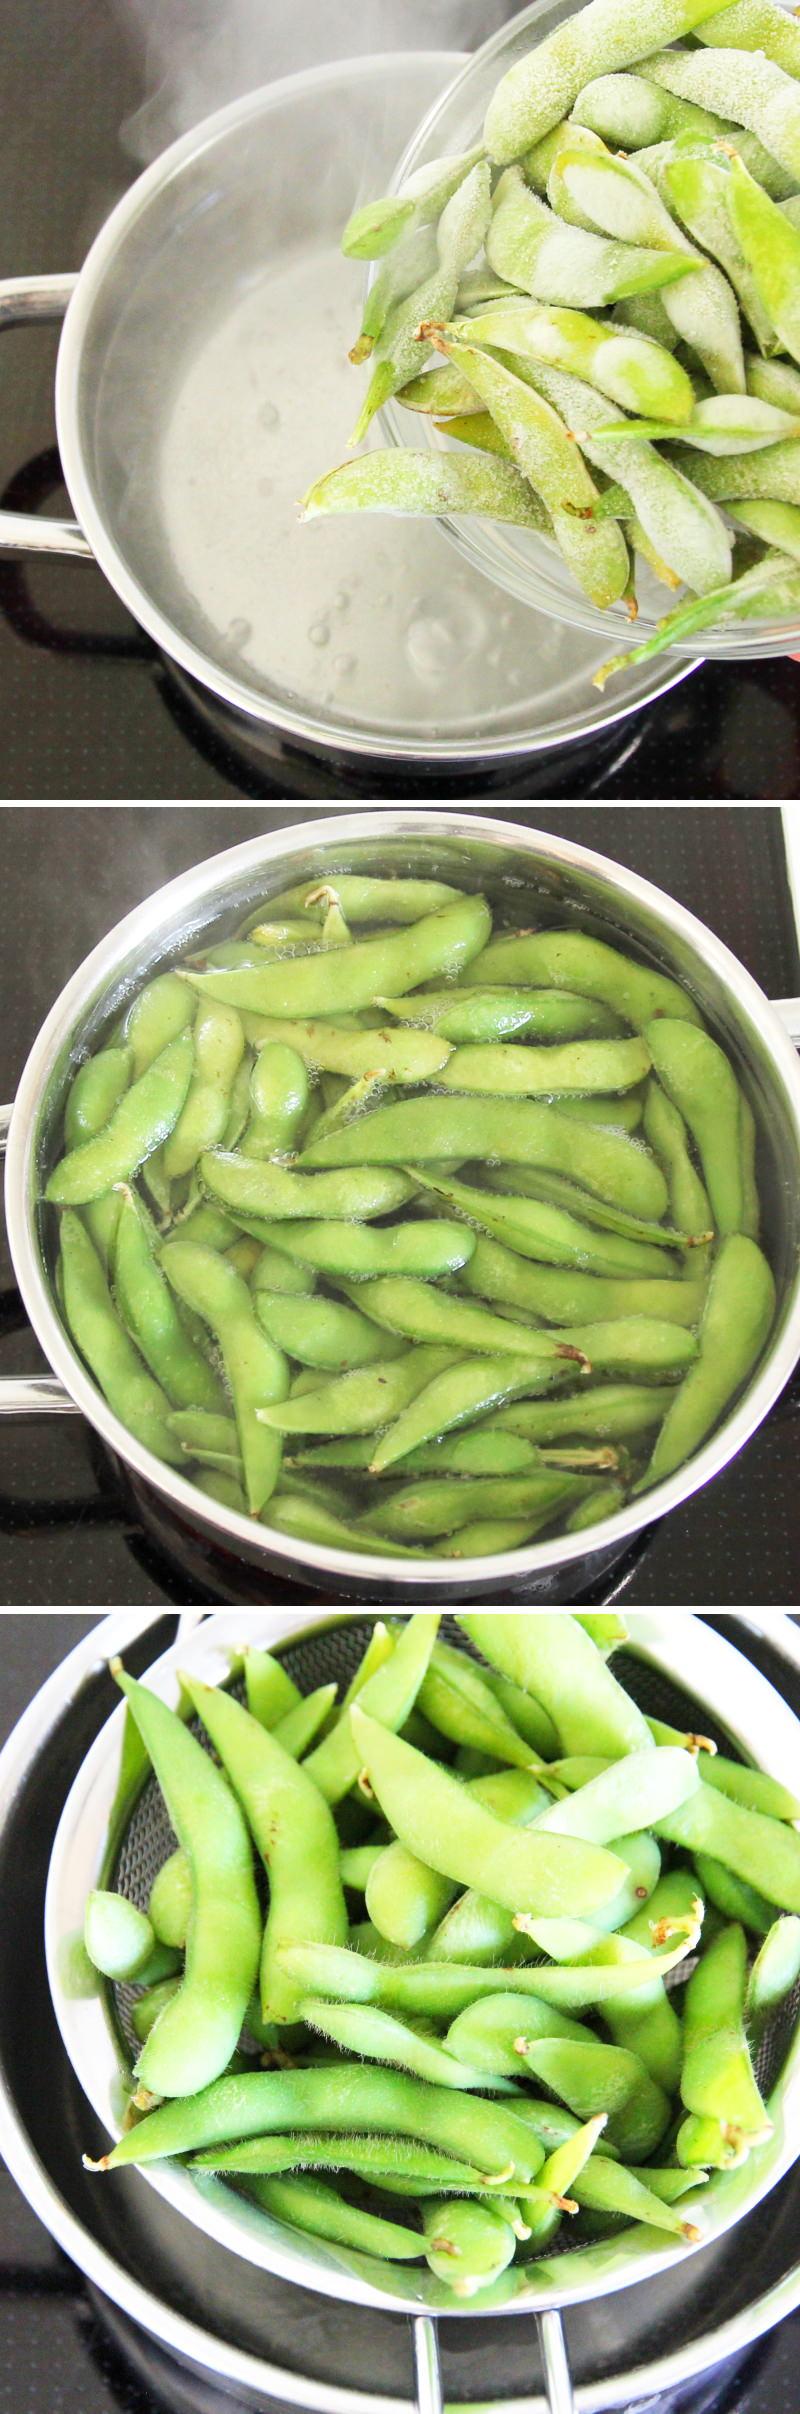 Edamame mit Chiliöl und Knoblauchflocken Schritt 3 Sojabohnen kochen